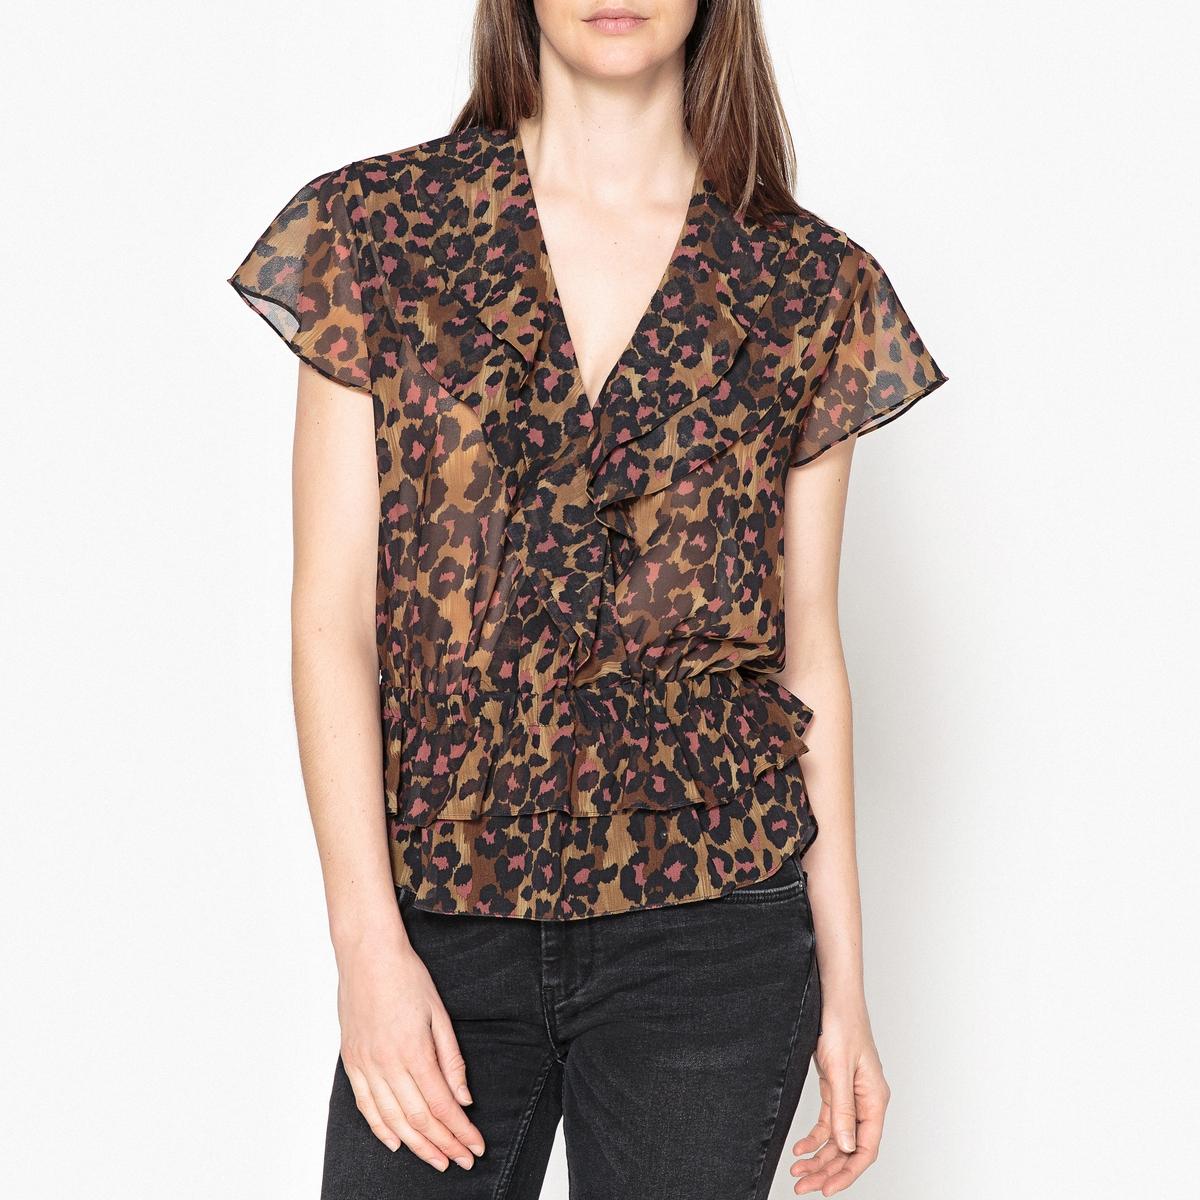 Блузка тонкая с рисунком, V-образным вырезом и короткими рукавами